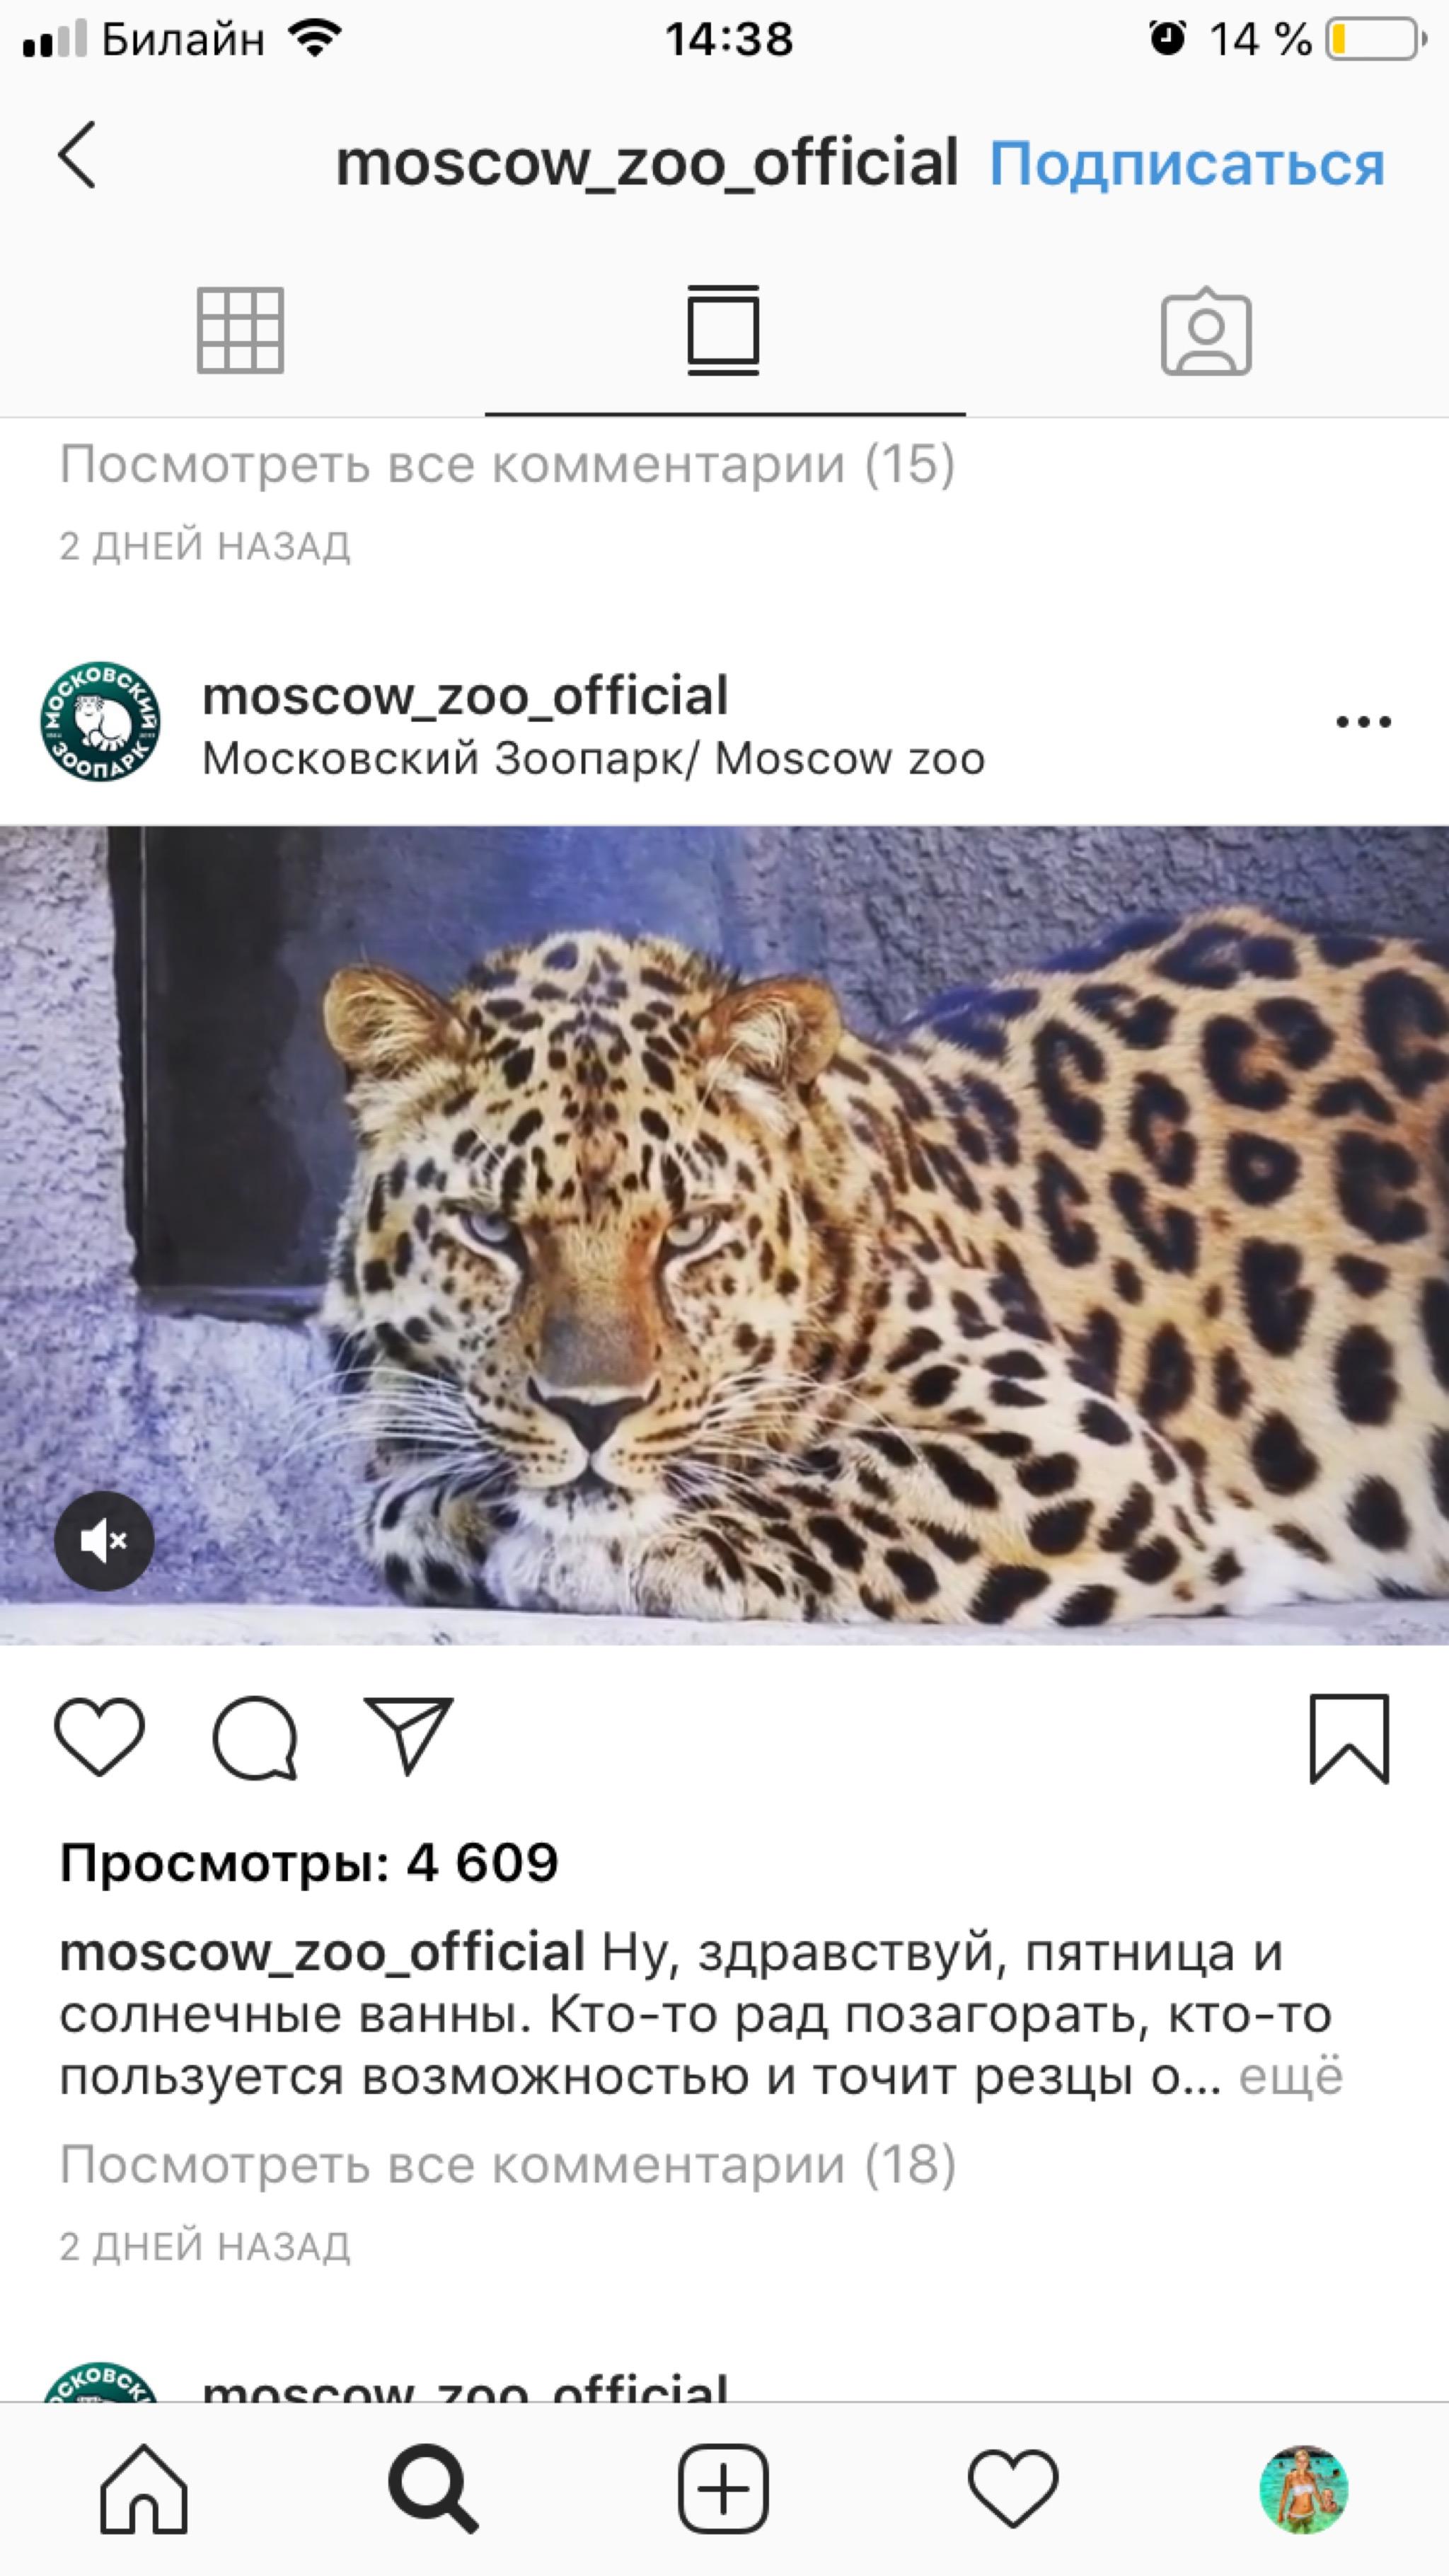 гив Instagram Moscow Zoo